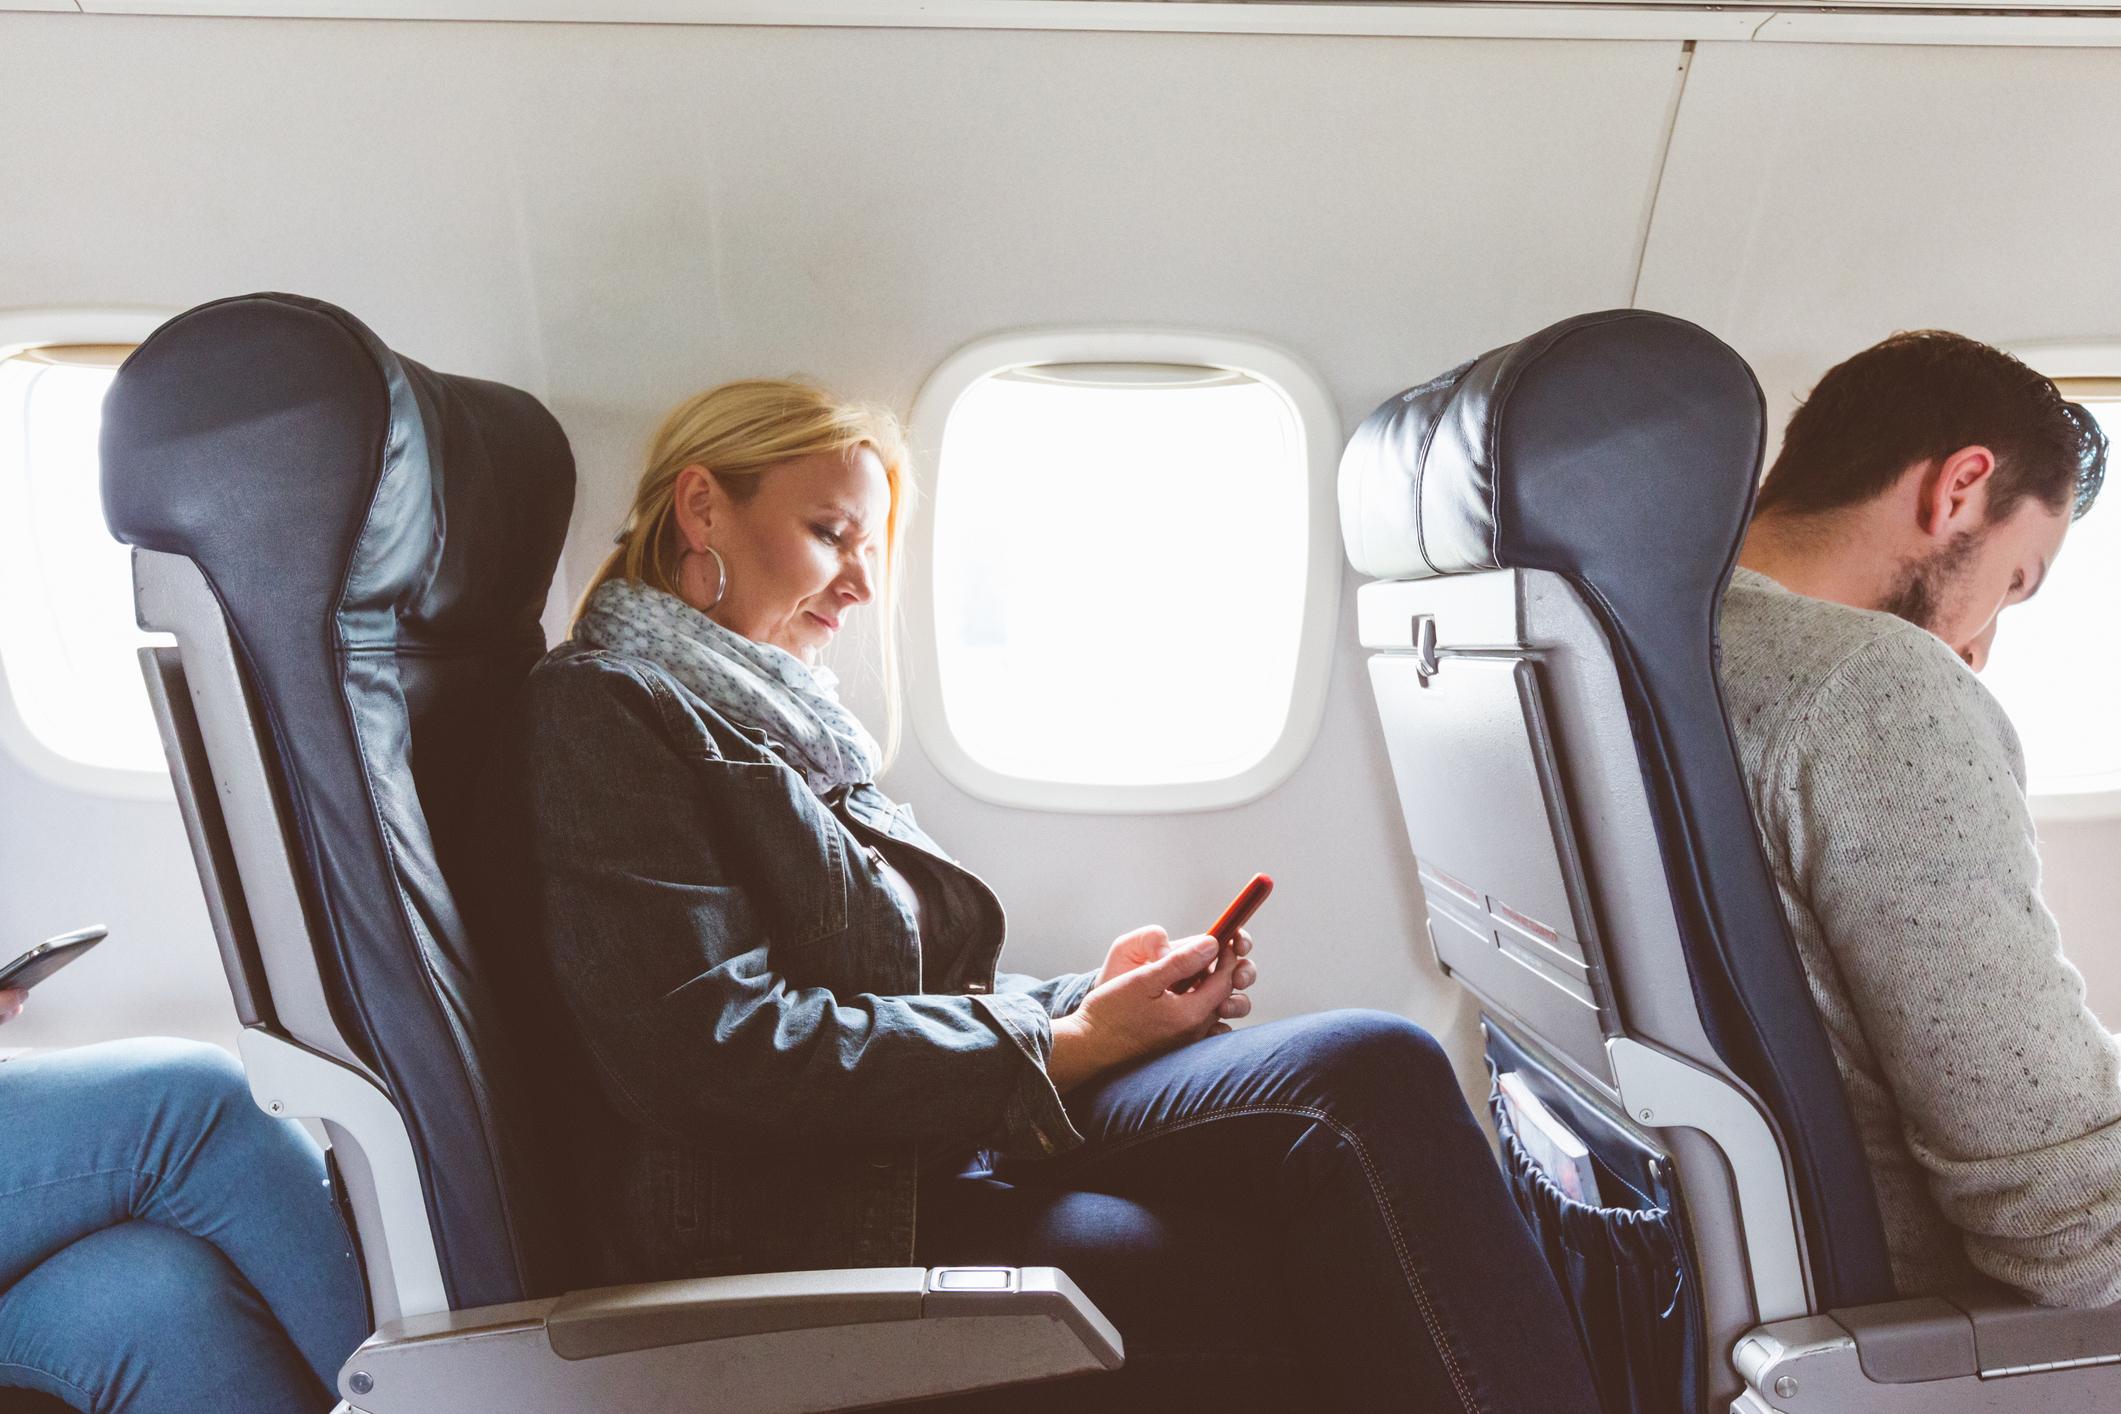 TAP anuncia wi-fi grátis em voos para uso do WhatsApp